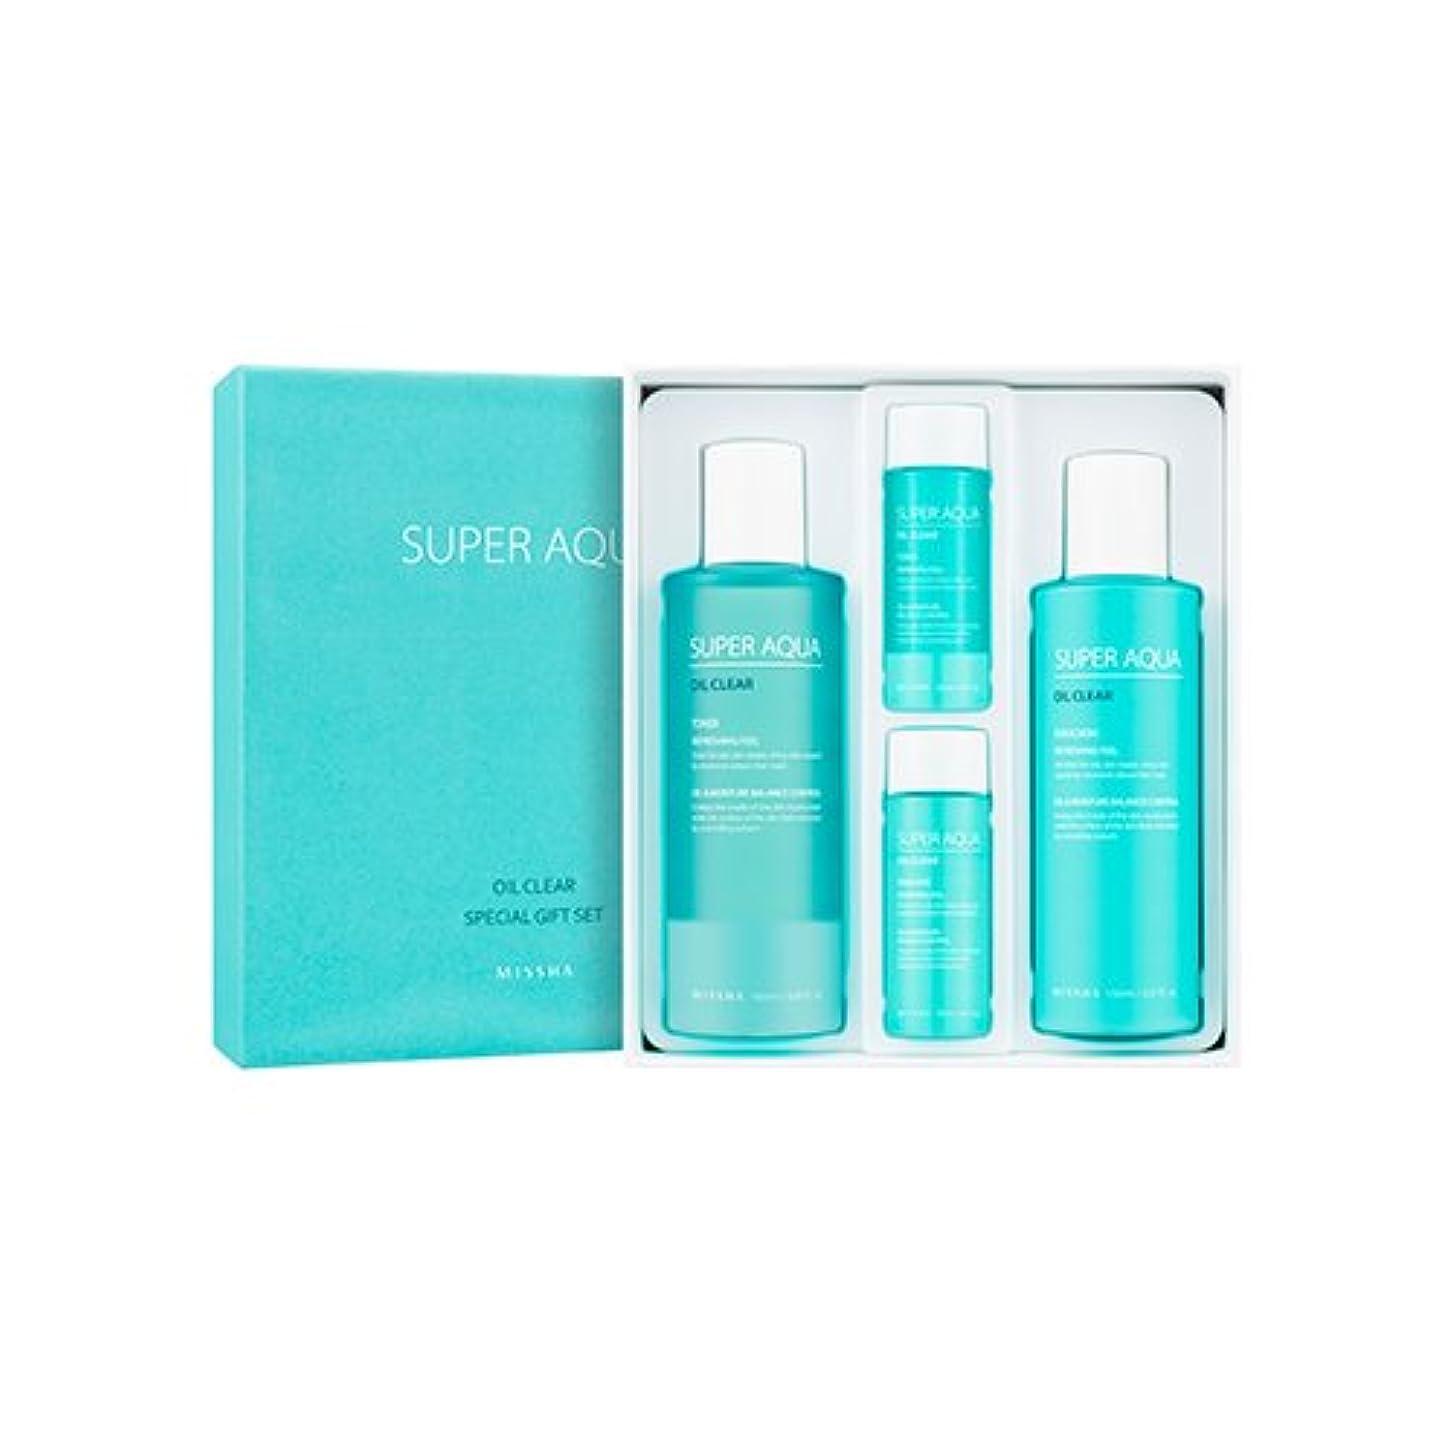 破産わがまま過去MISSHA Super Aqua Oil Clear Special Gift Set/ミシャ スーパーアクアオイルクリアスペシャルギフトセット [並行輸入品]